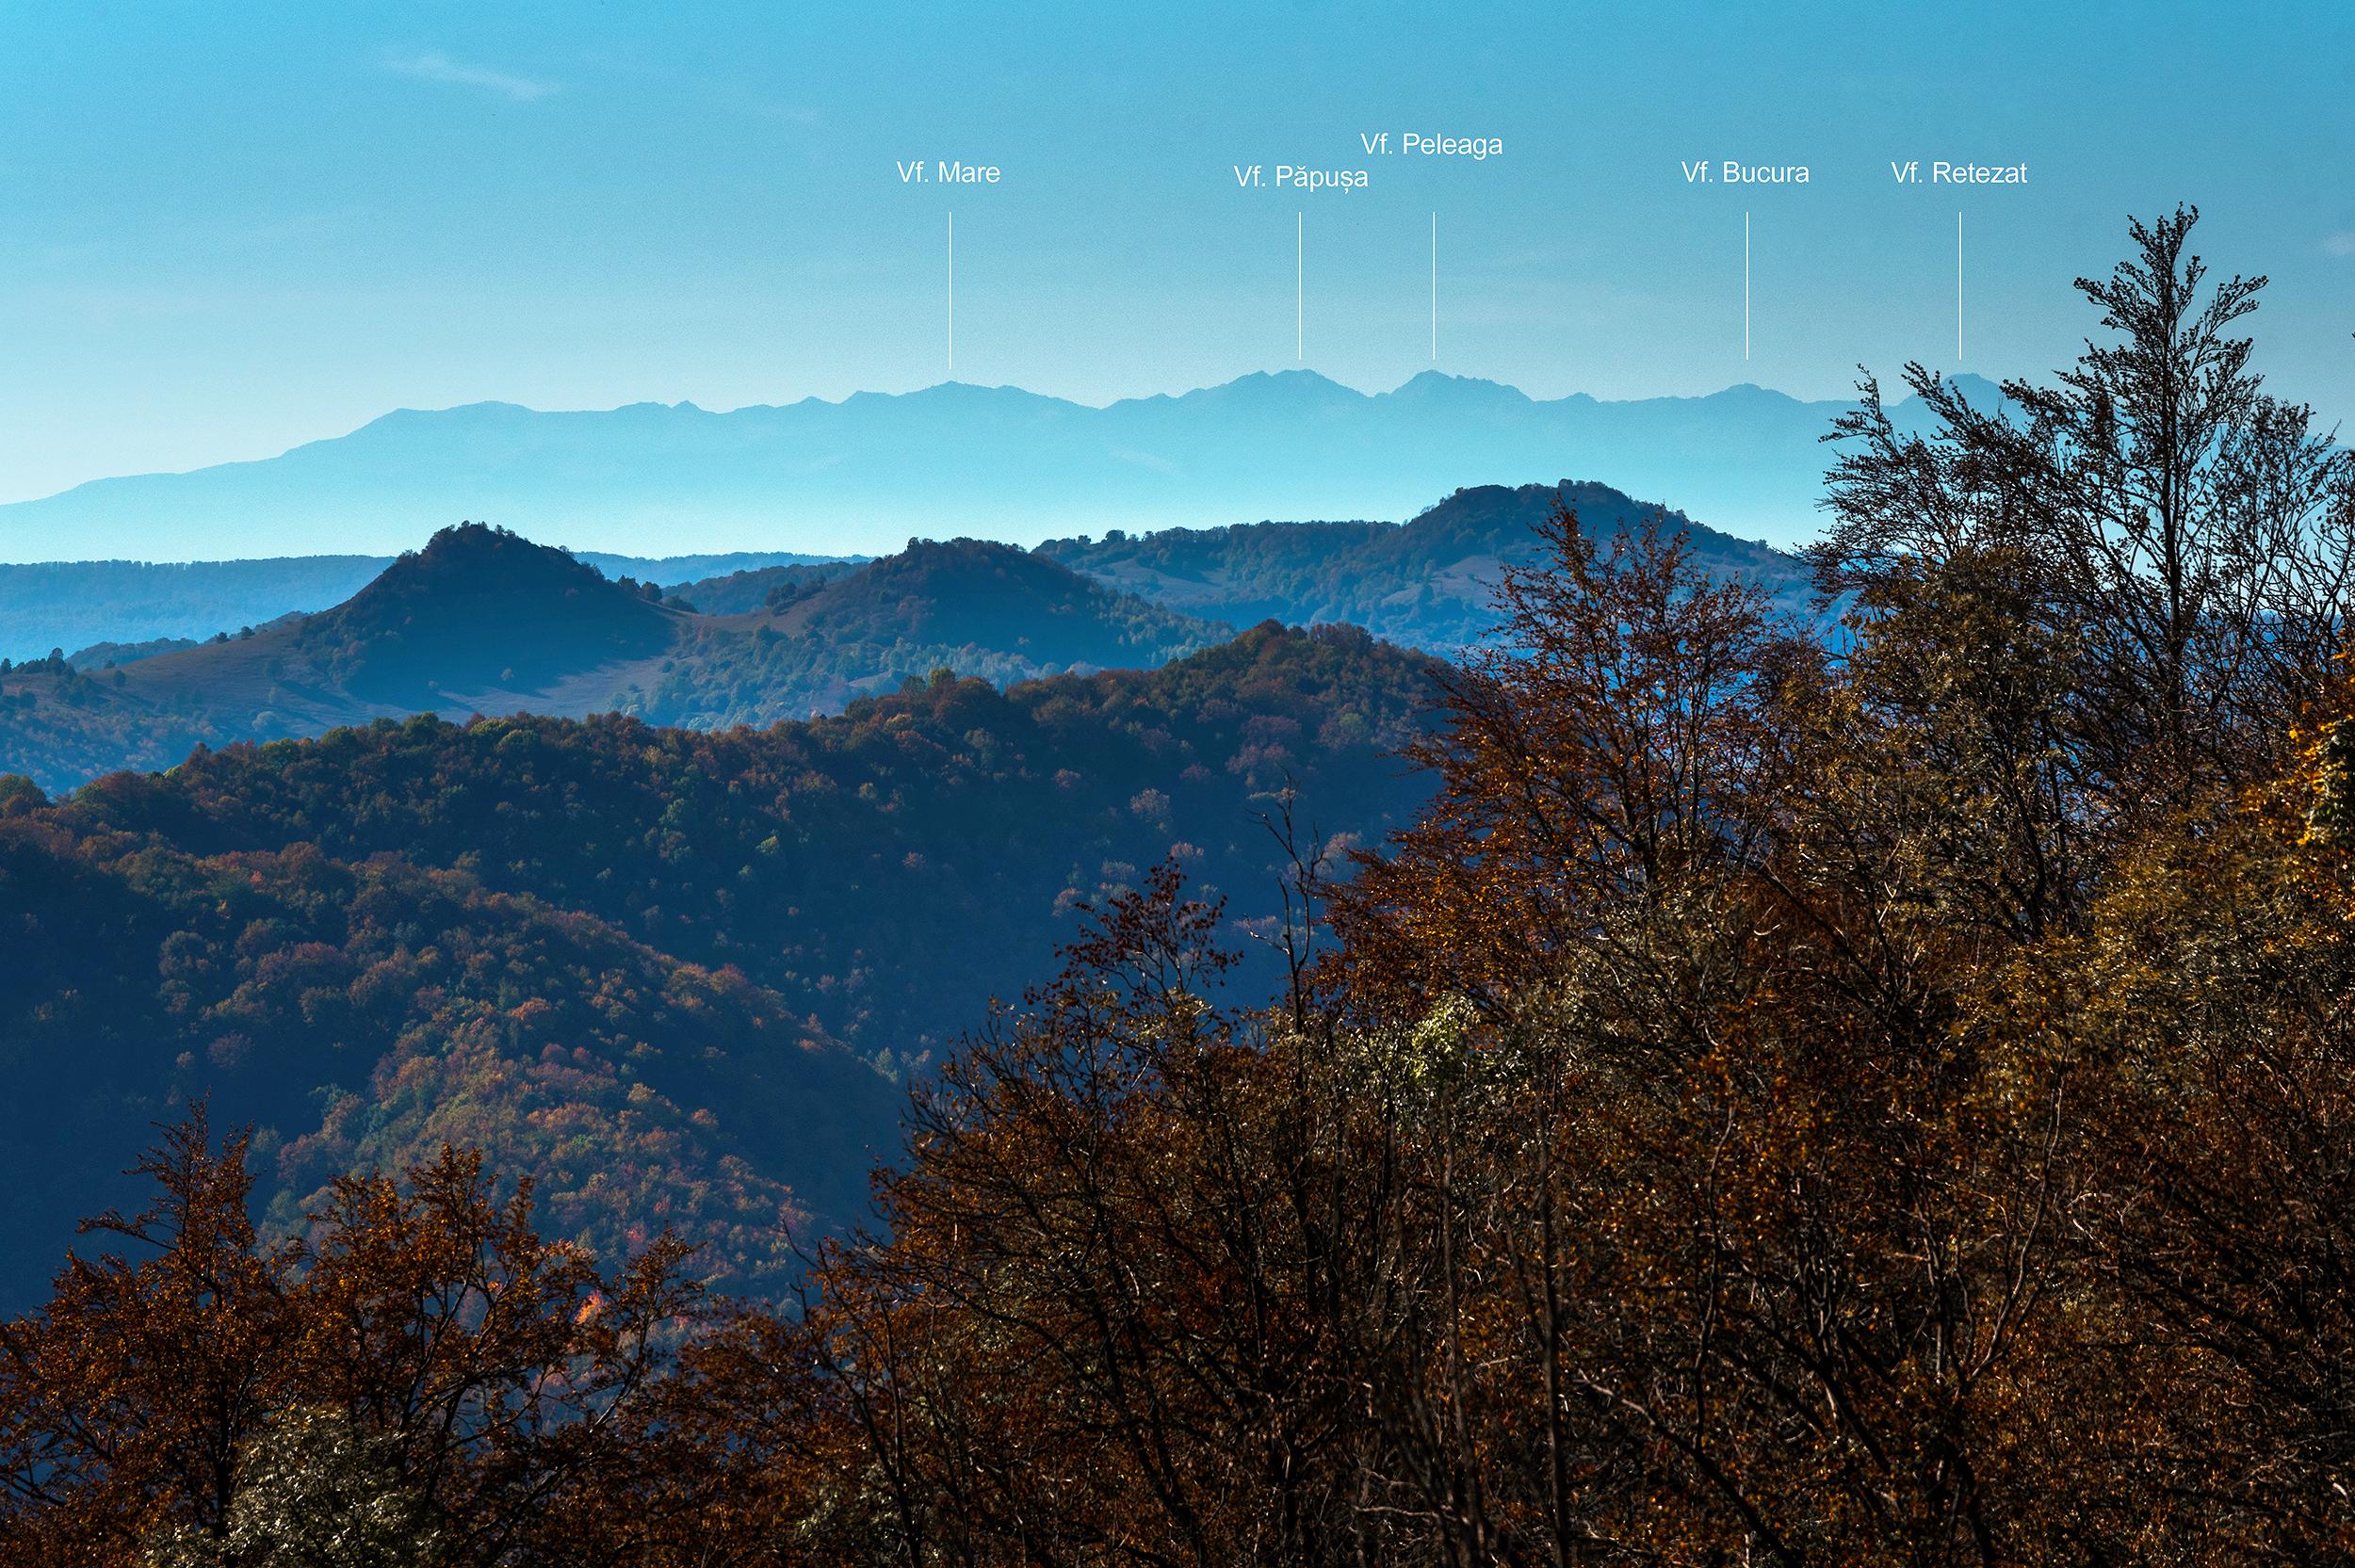 Munții Retezat văzuți de pe Piatra Cetii